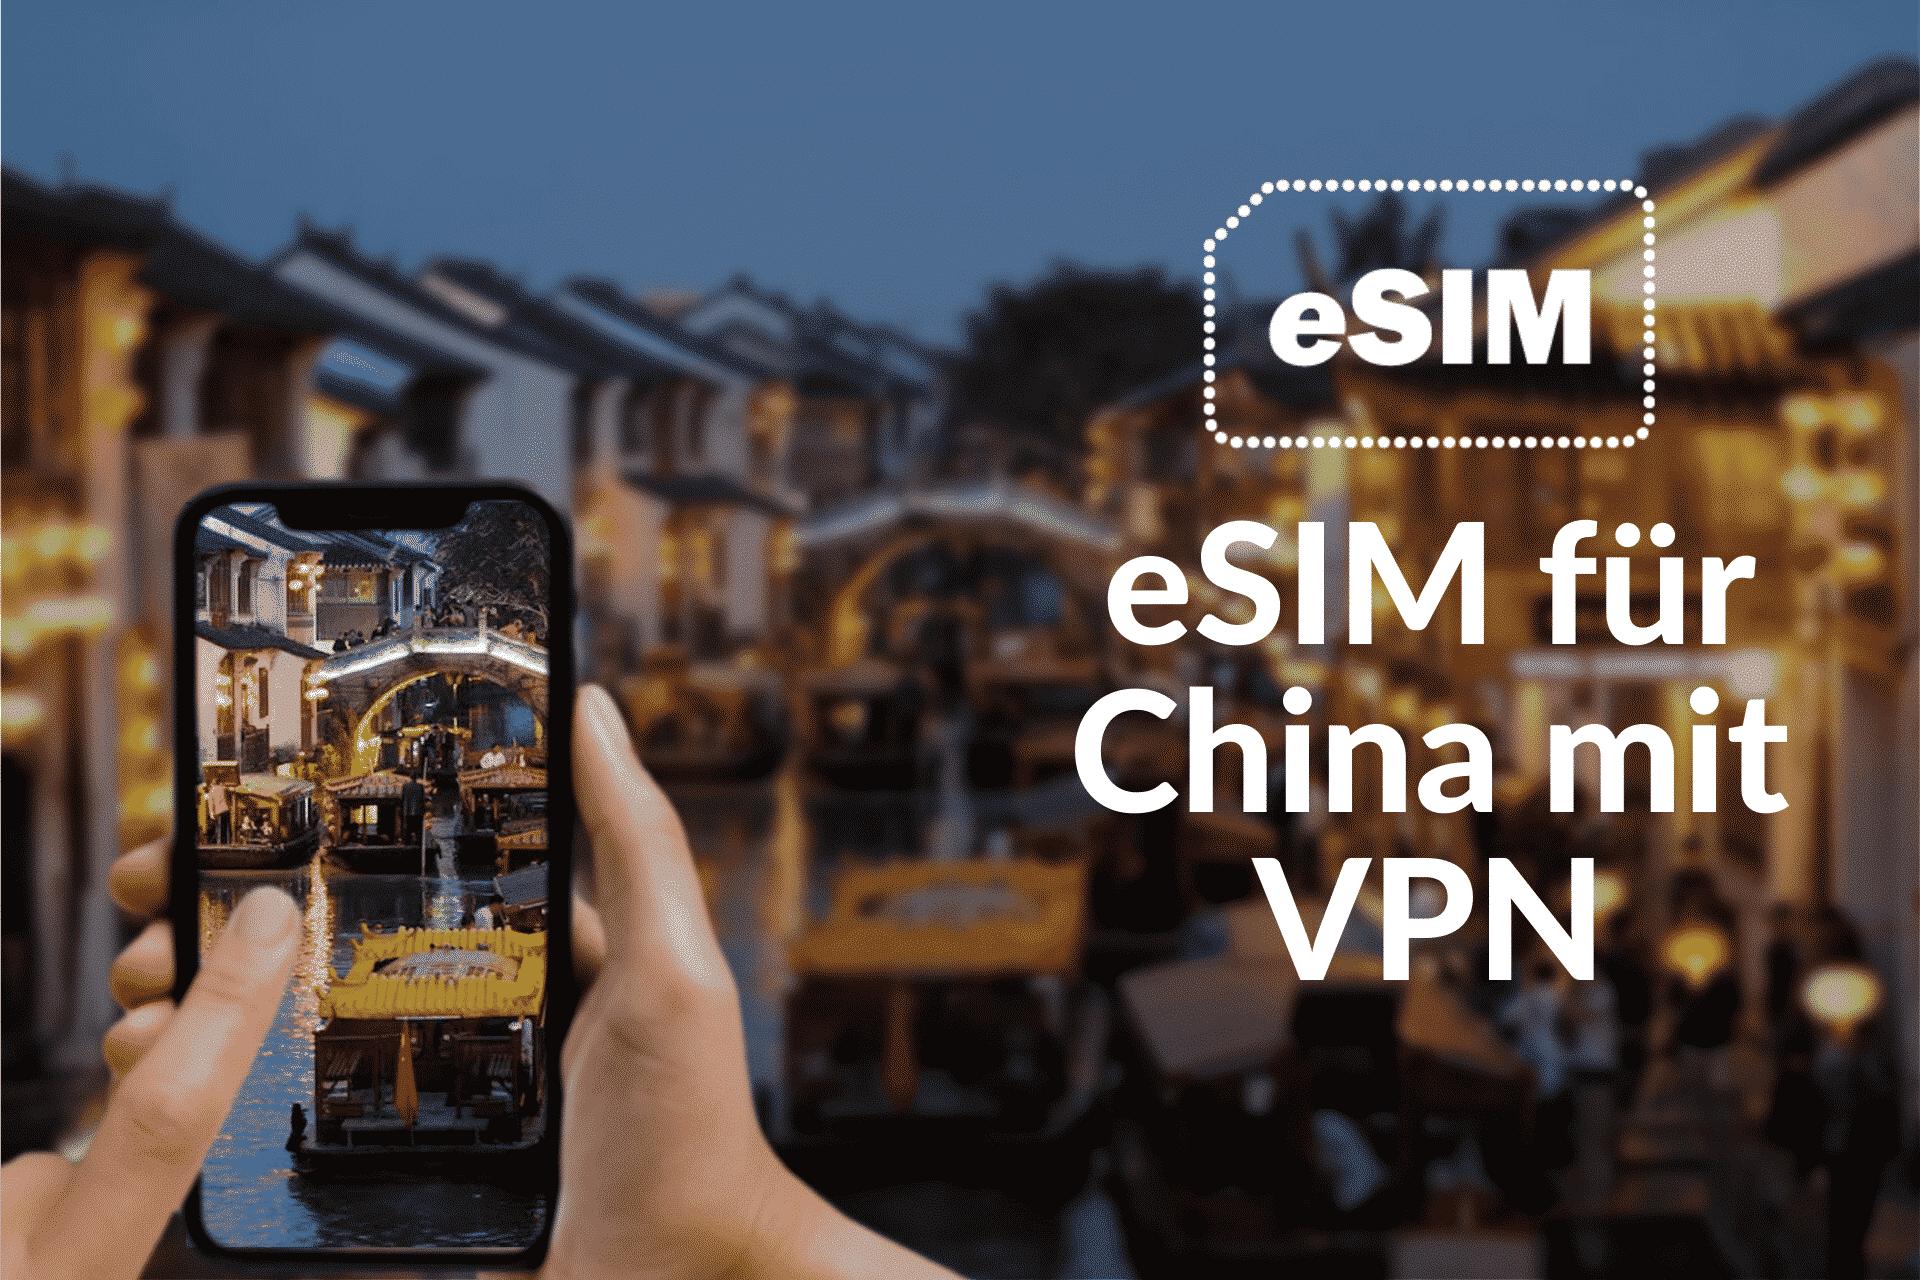 eSIM für China mit VPN